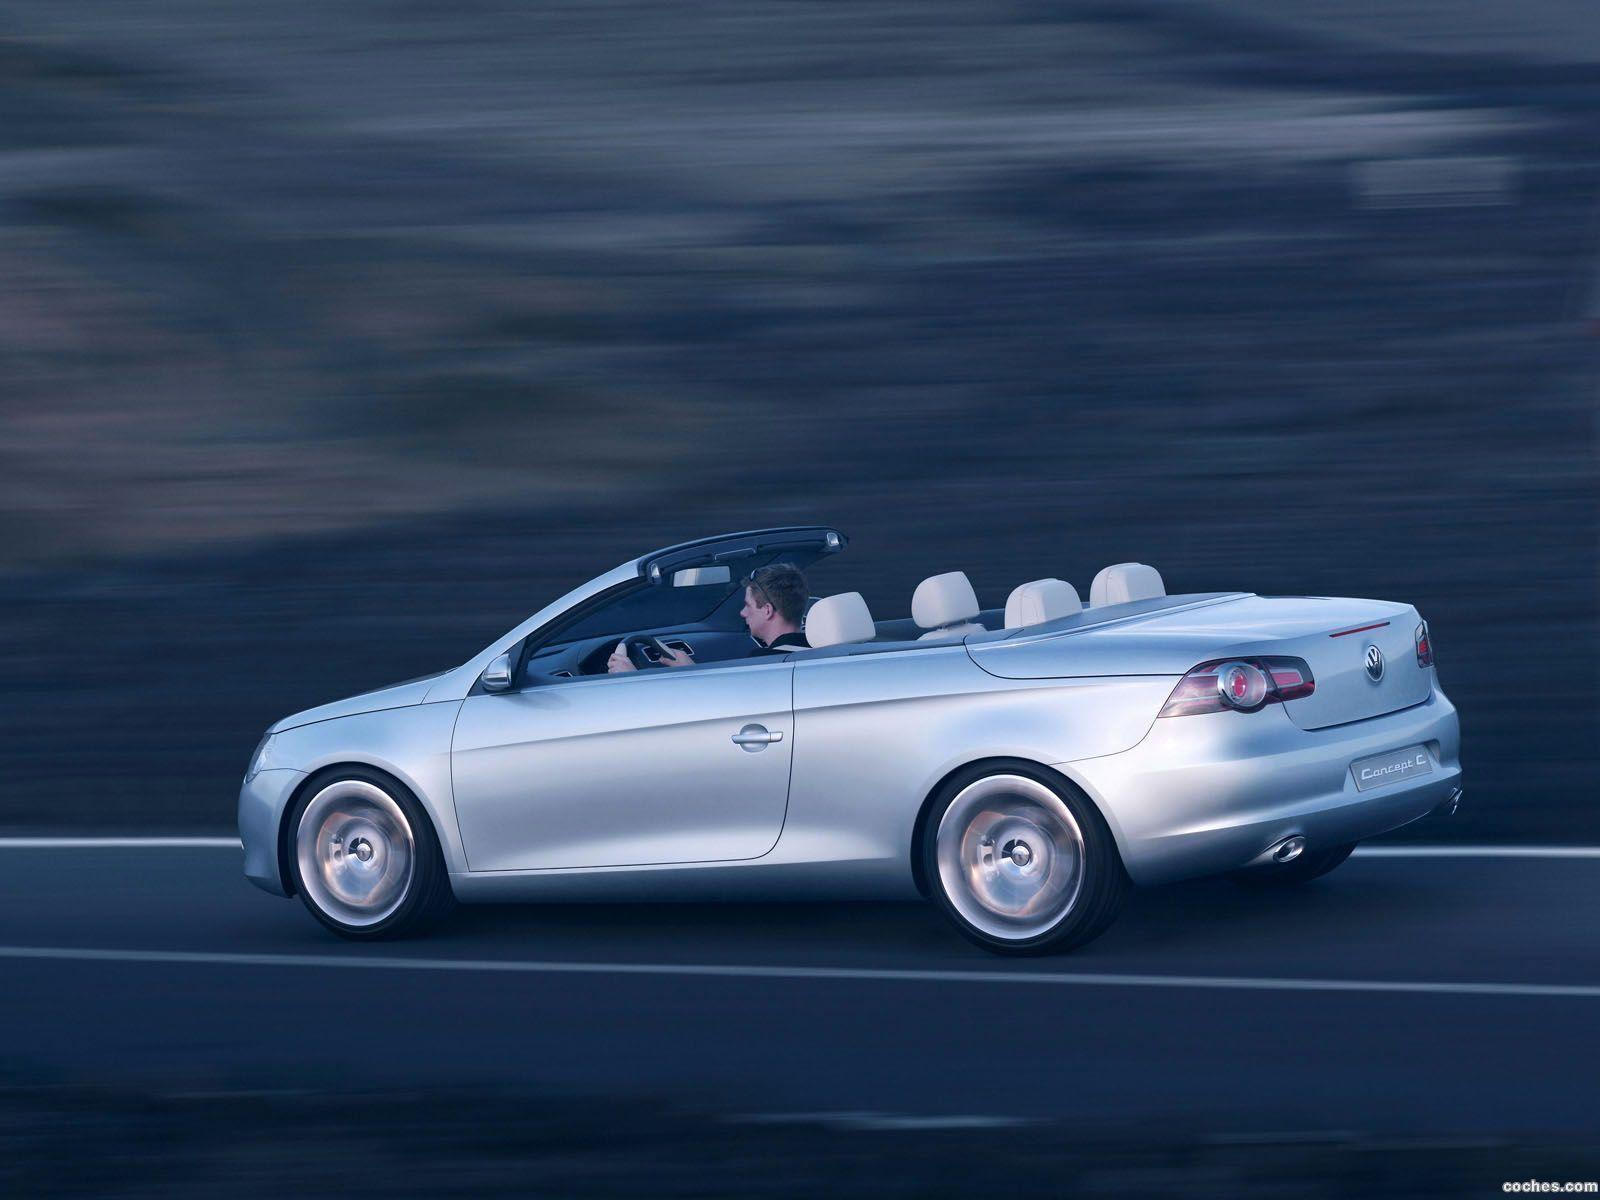 Foto 15 de Volkswagen Concept C 2004